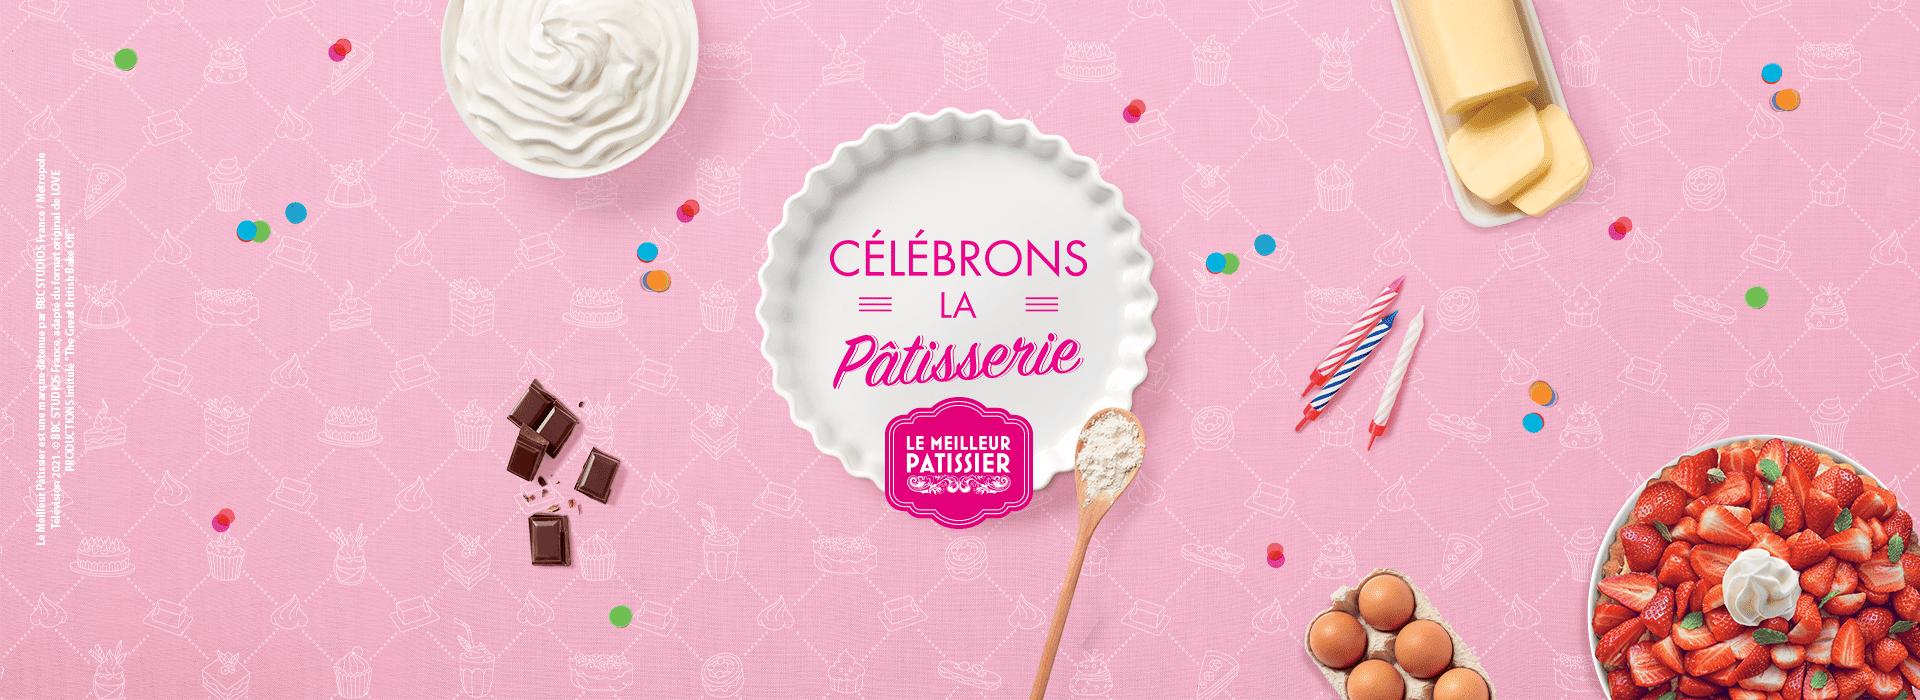 Célébrons la pâtisserie à l'occasion du 10ème anniversaire du Meilleur Pâtissier !